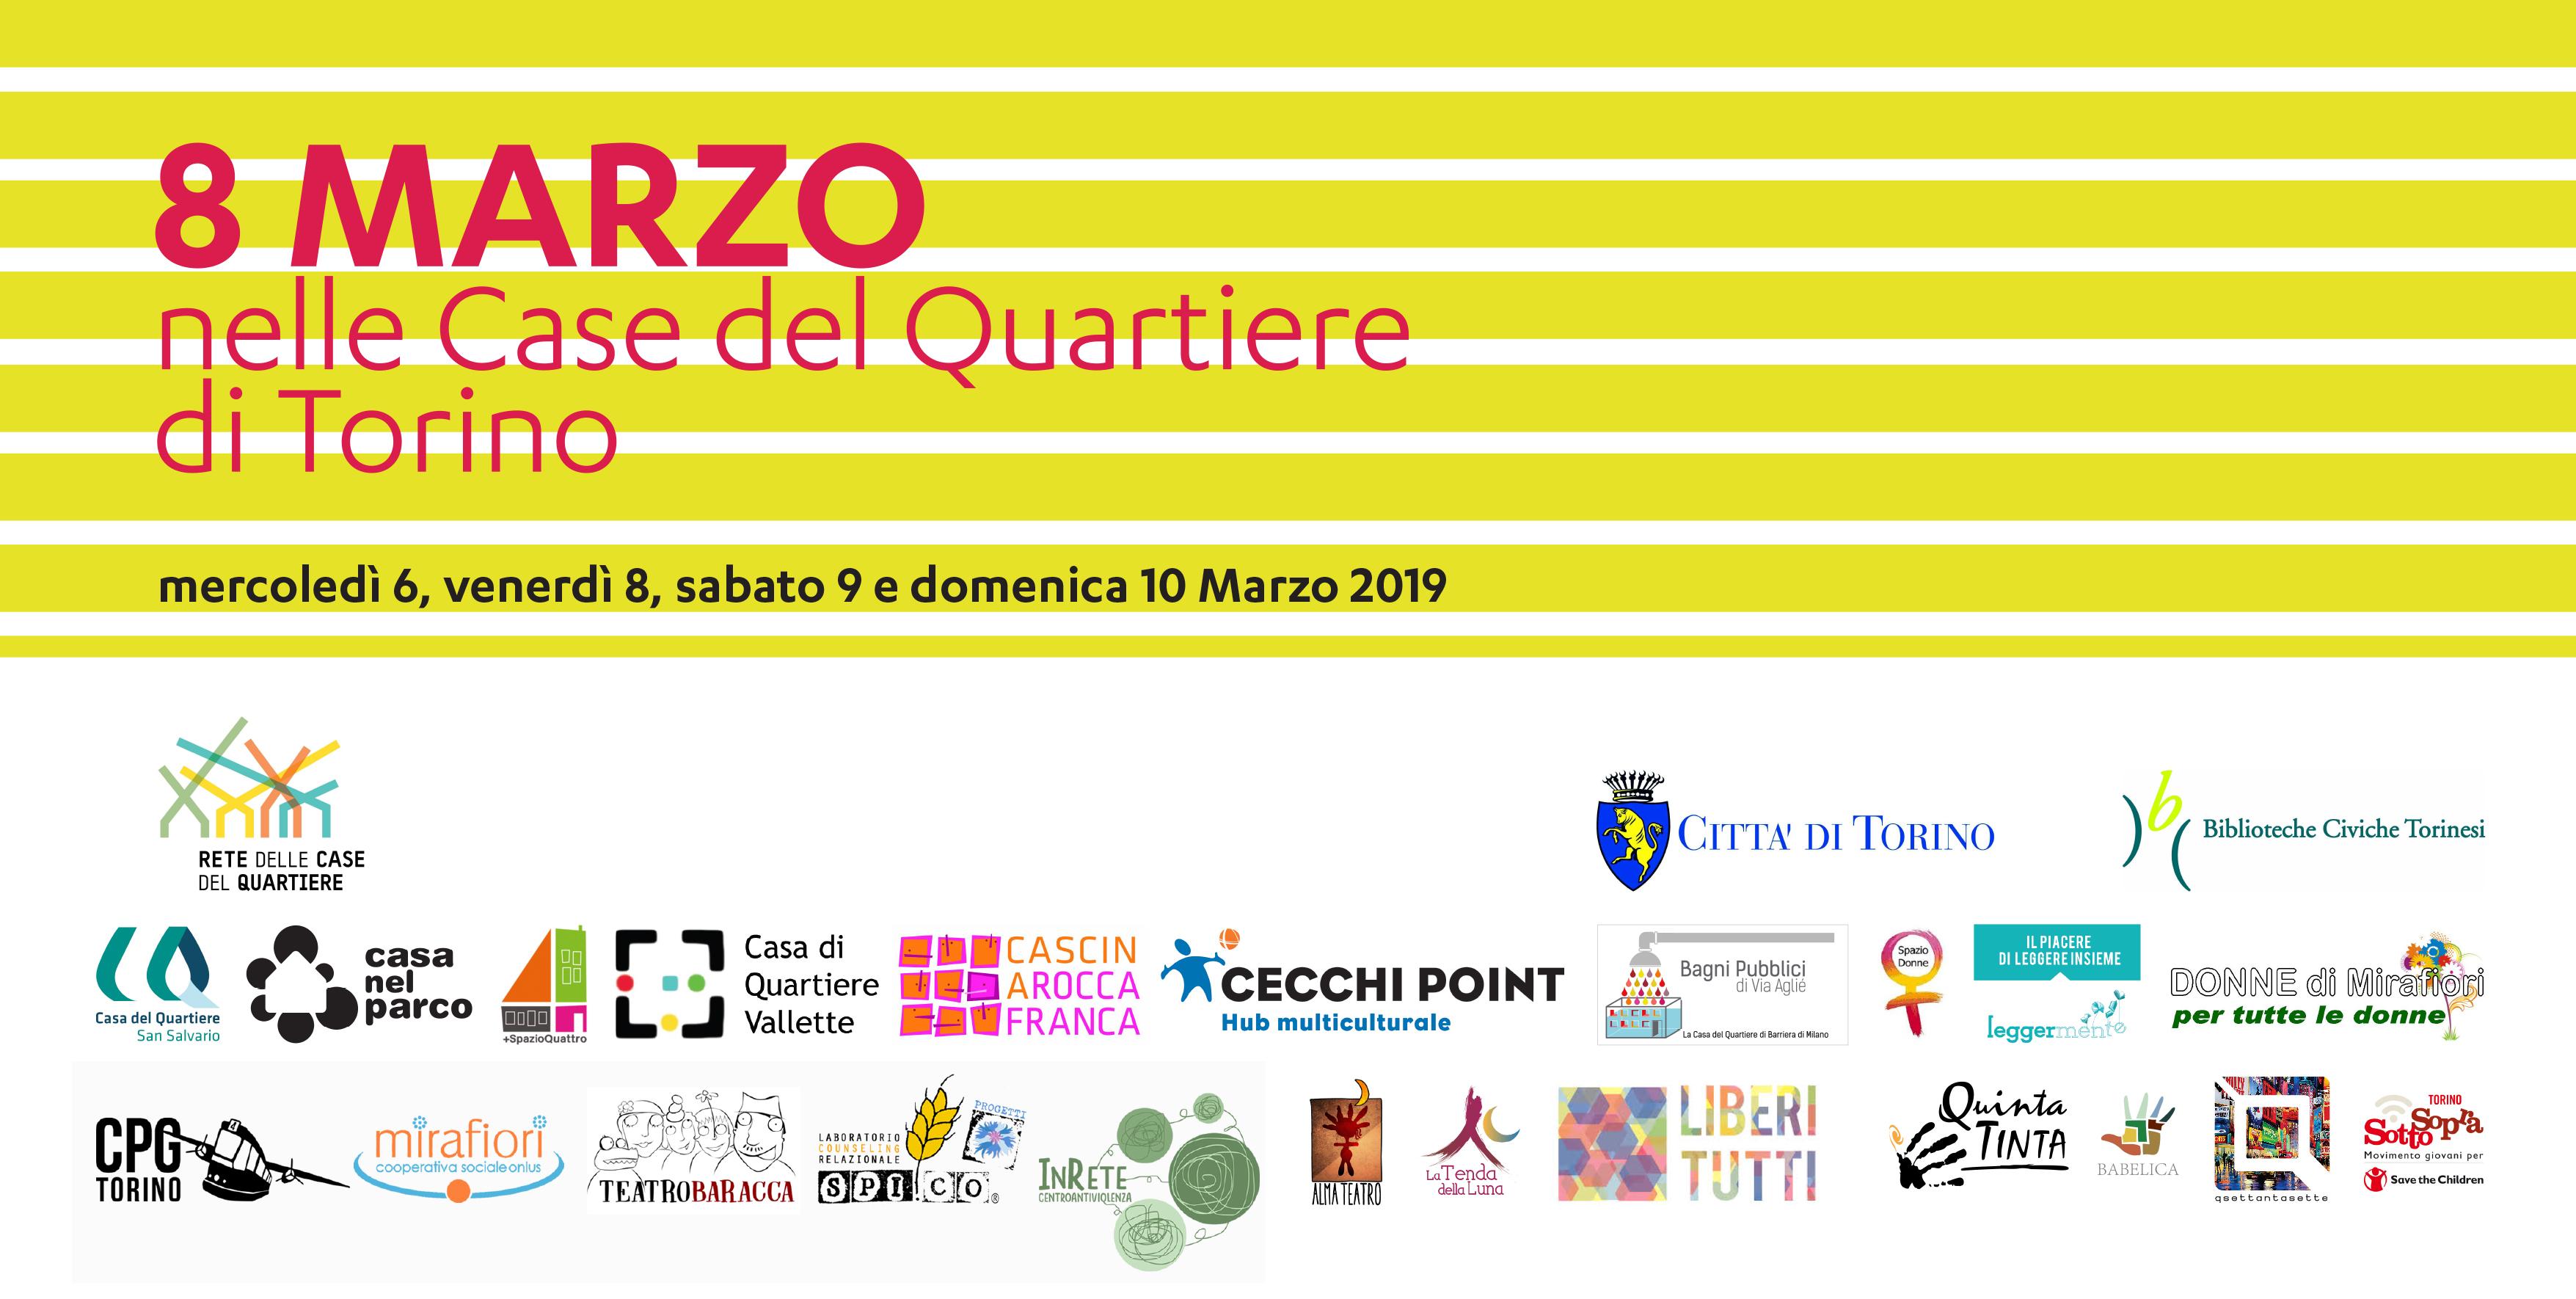 8 Marzo nelle Case del Quartiere di Torino